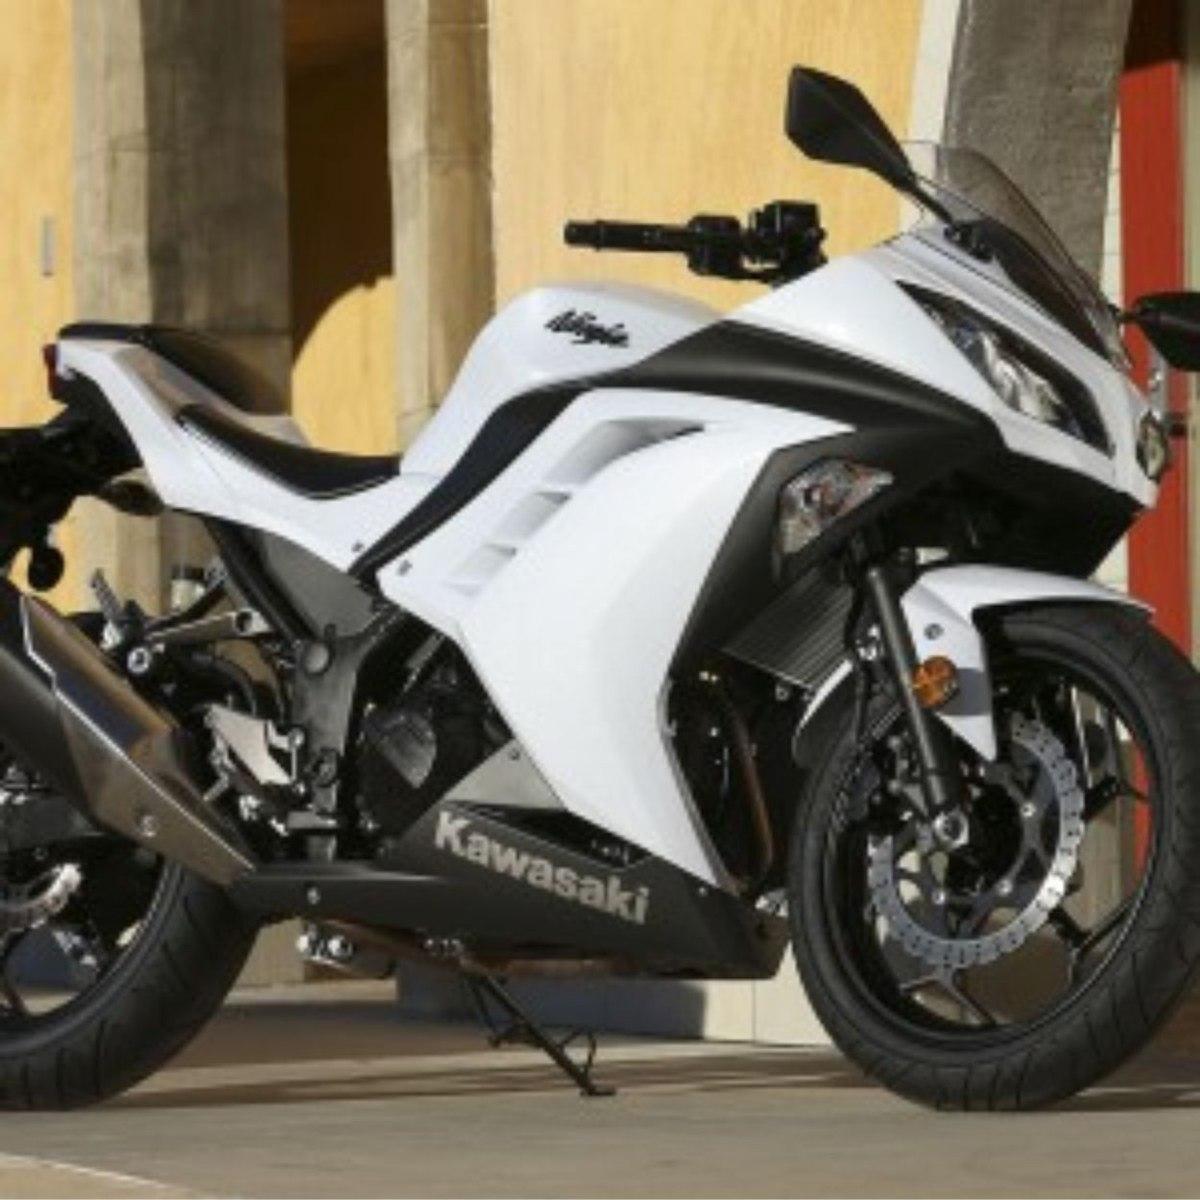 adesivo moto kawasaki ninja 300 350r rabeta carenagem tanque r 30 00 em mercado livre. Black Bedroom Furniture Sets. Home Design Ideas